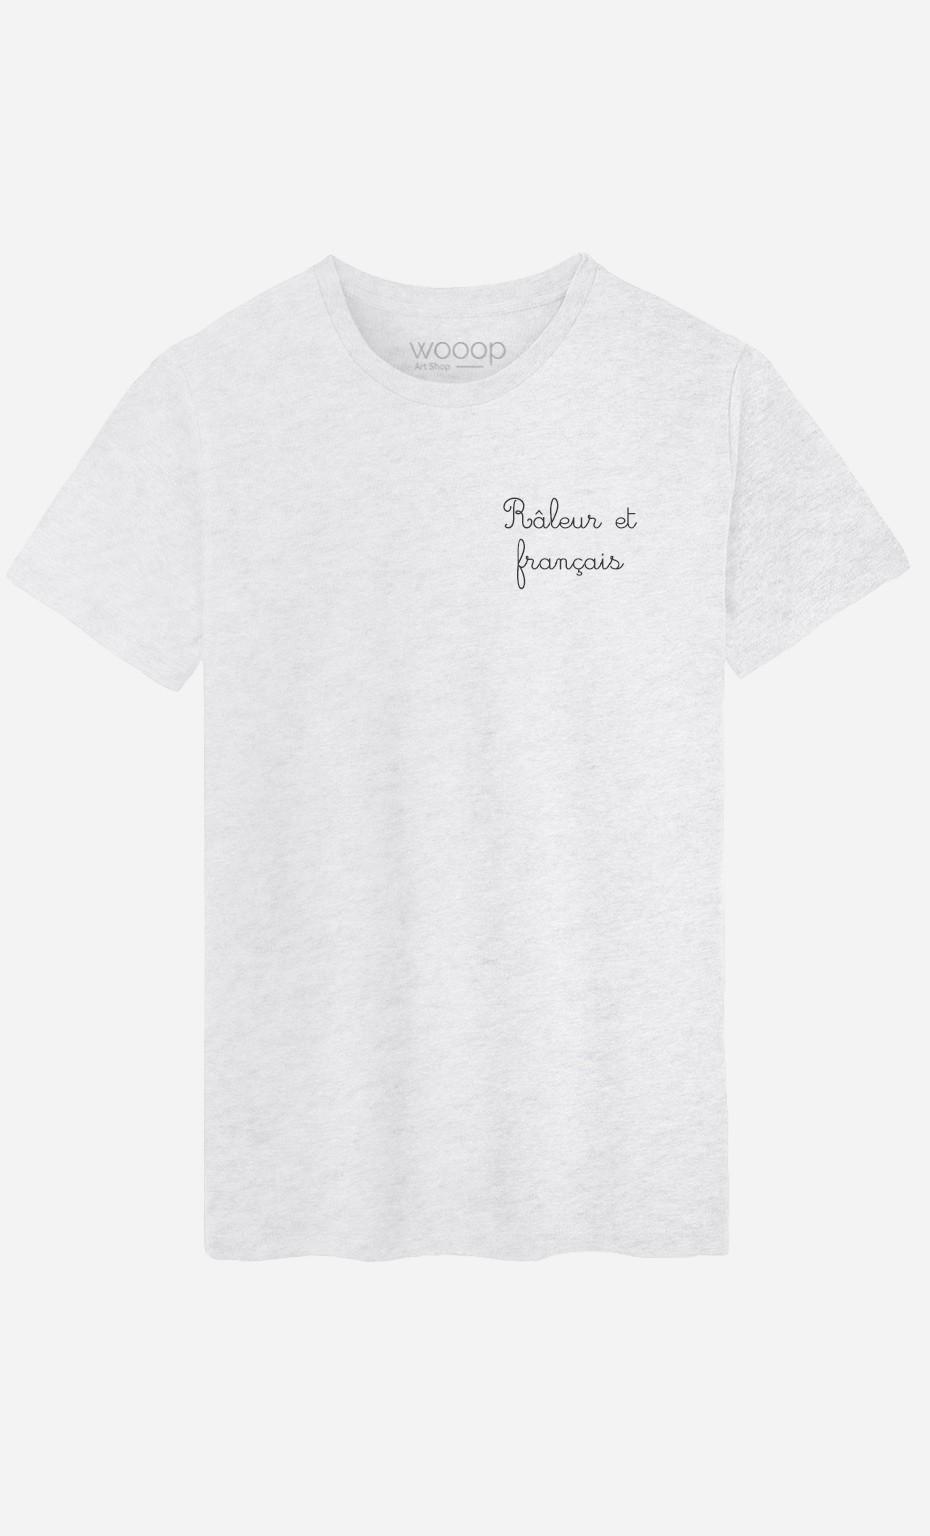 T-Shirt Homme Râleur et Français - Brodé